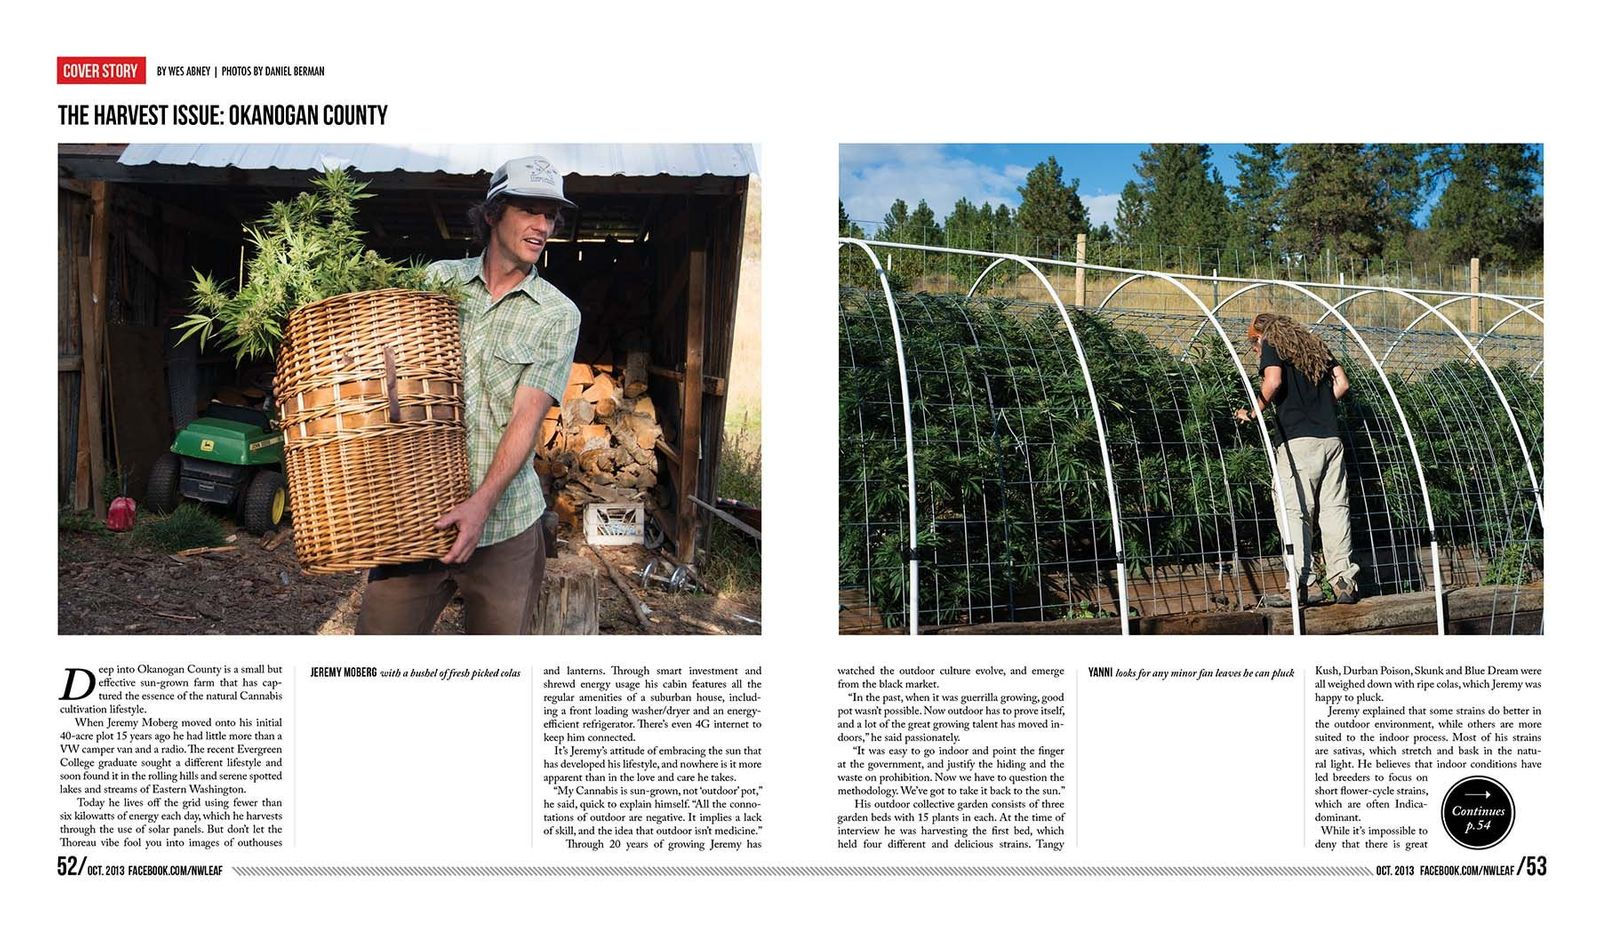 1marijuanaharvesting_photoessay_seattleeditorialphotographer4